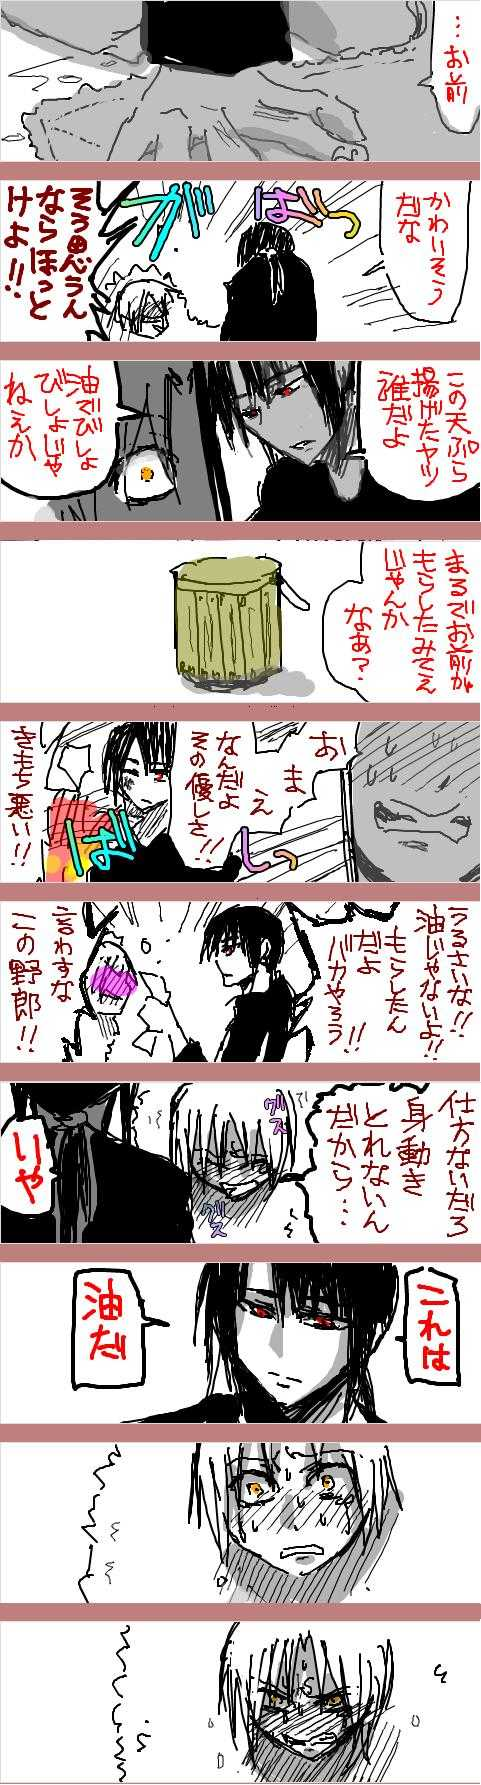 2012/09/16「天ぷR vs 尿意」